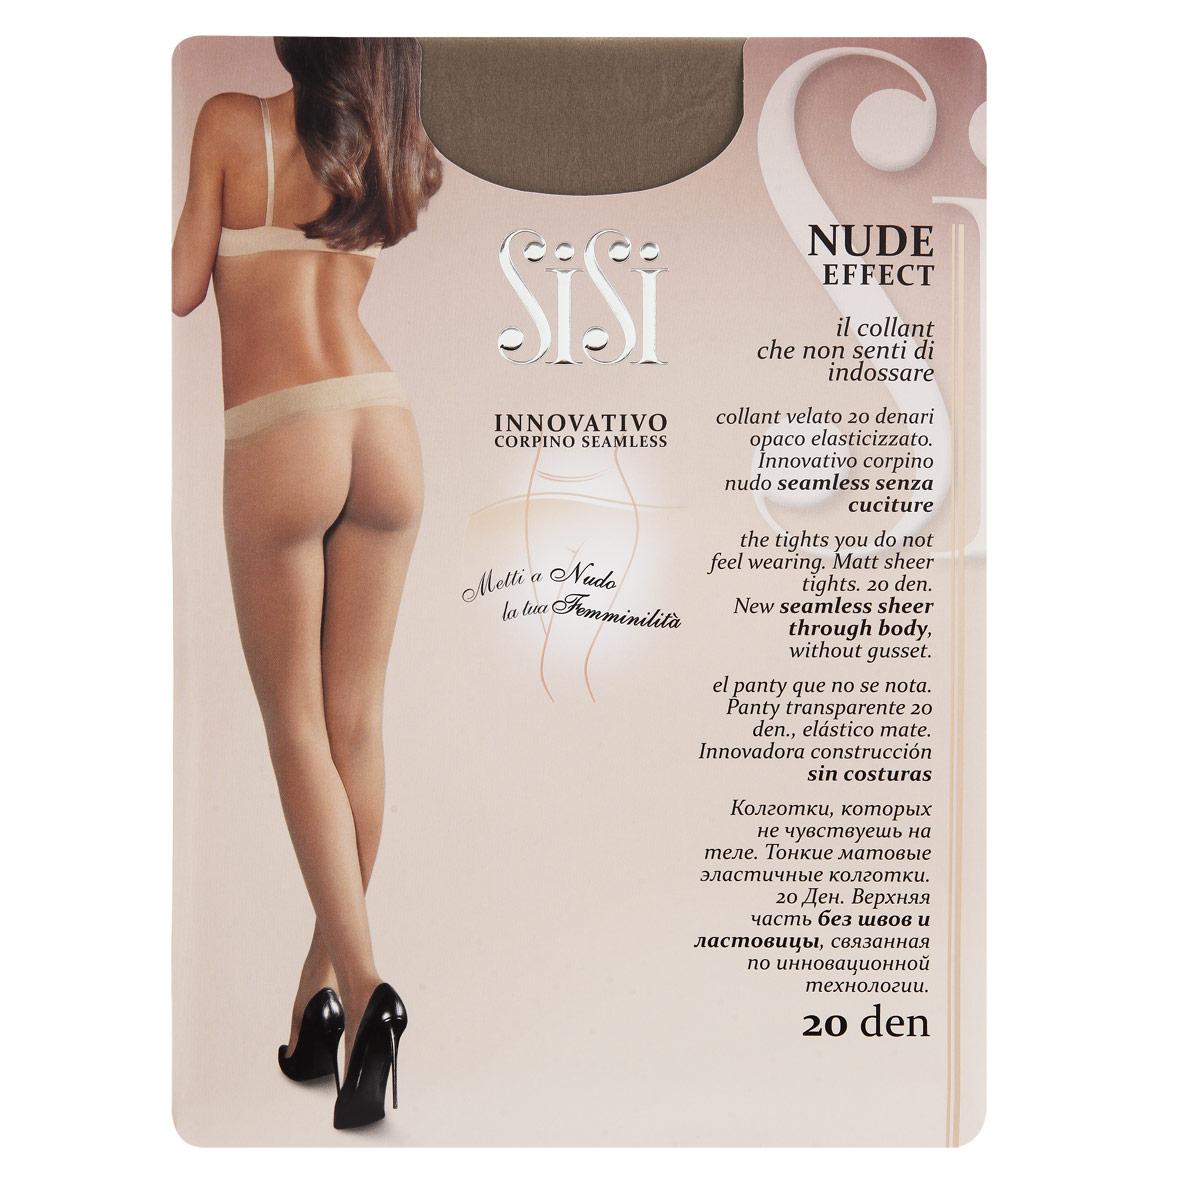 Колготки Sisi Nude Effect 20. Miele (светло-телесный). Размер 2-S1299 Nude Effect 20Тонкие, матовые, эластичные колготки Sisi Nude Effect не чувствуются на теле. Верхняя часть без швов и ластовицы, связанная по инновационной технологии.Плотность: 20 den.